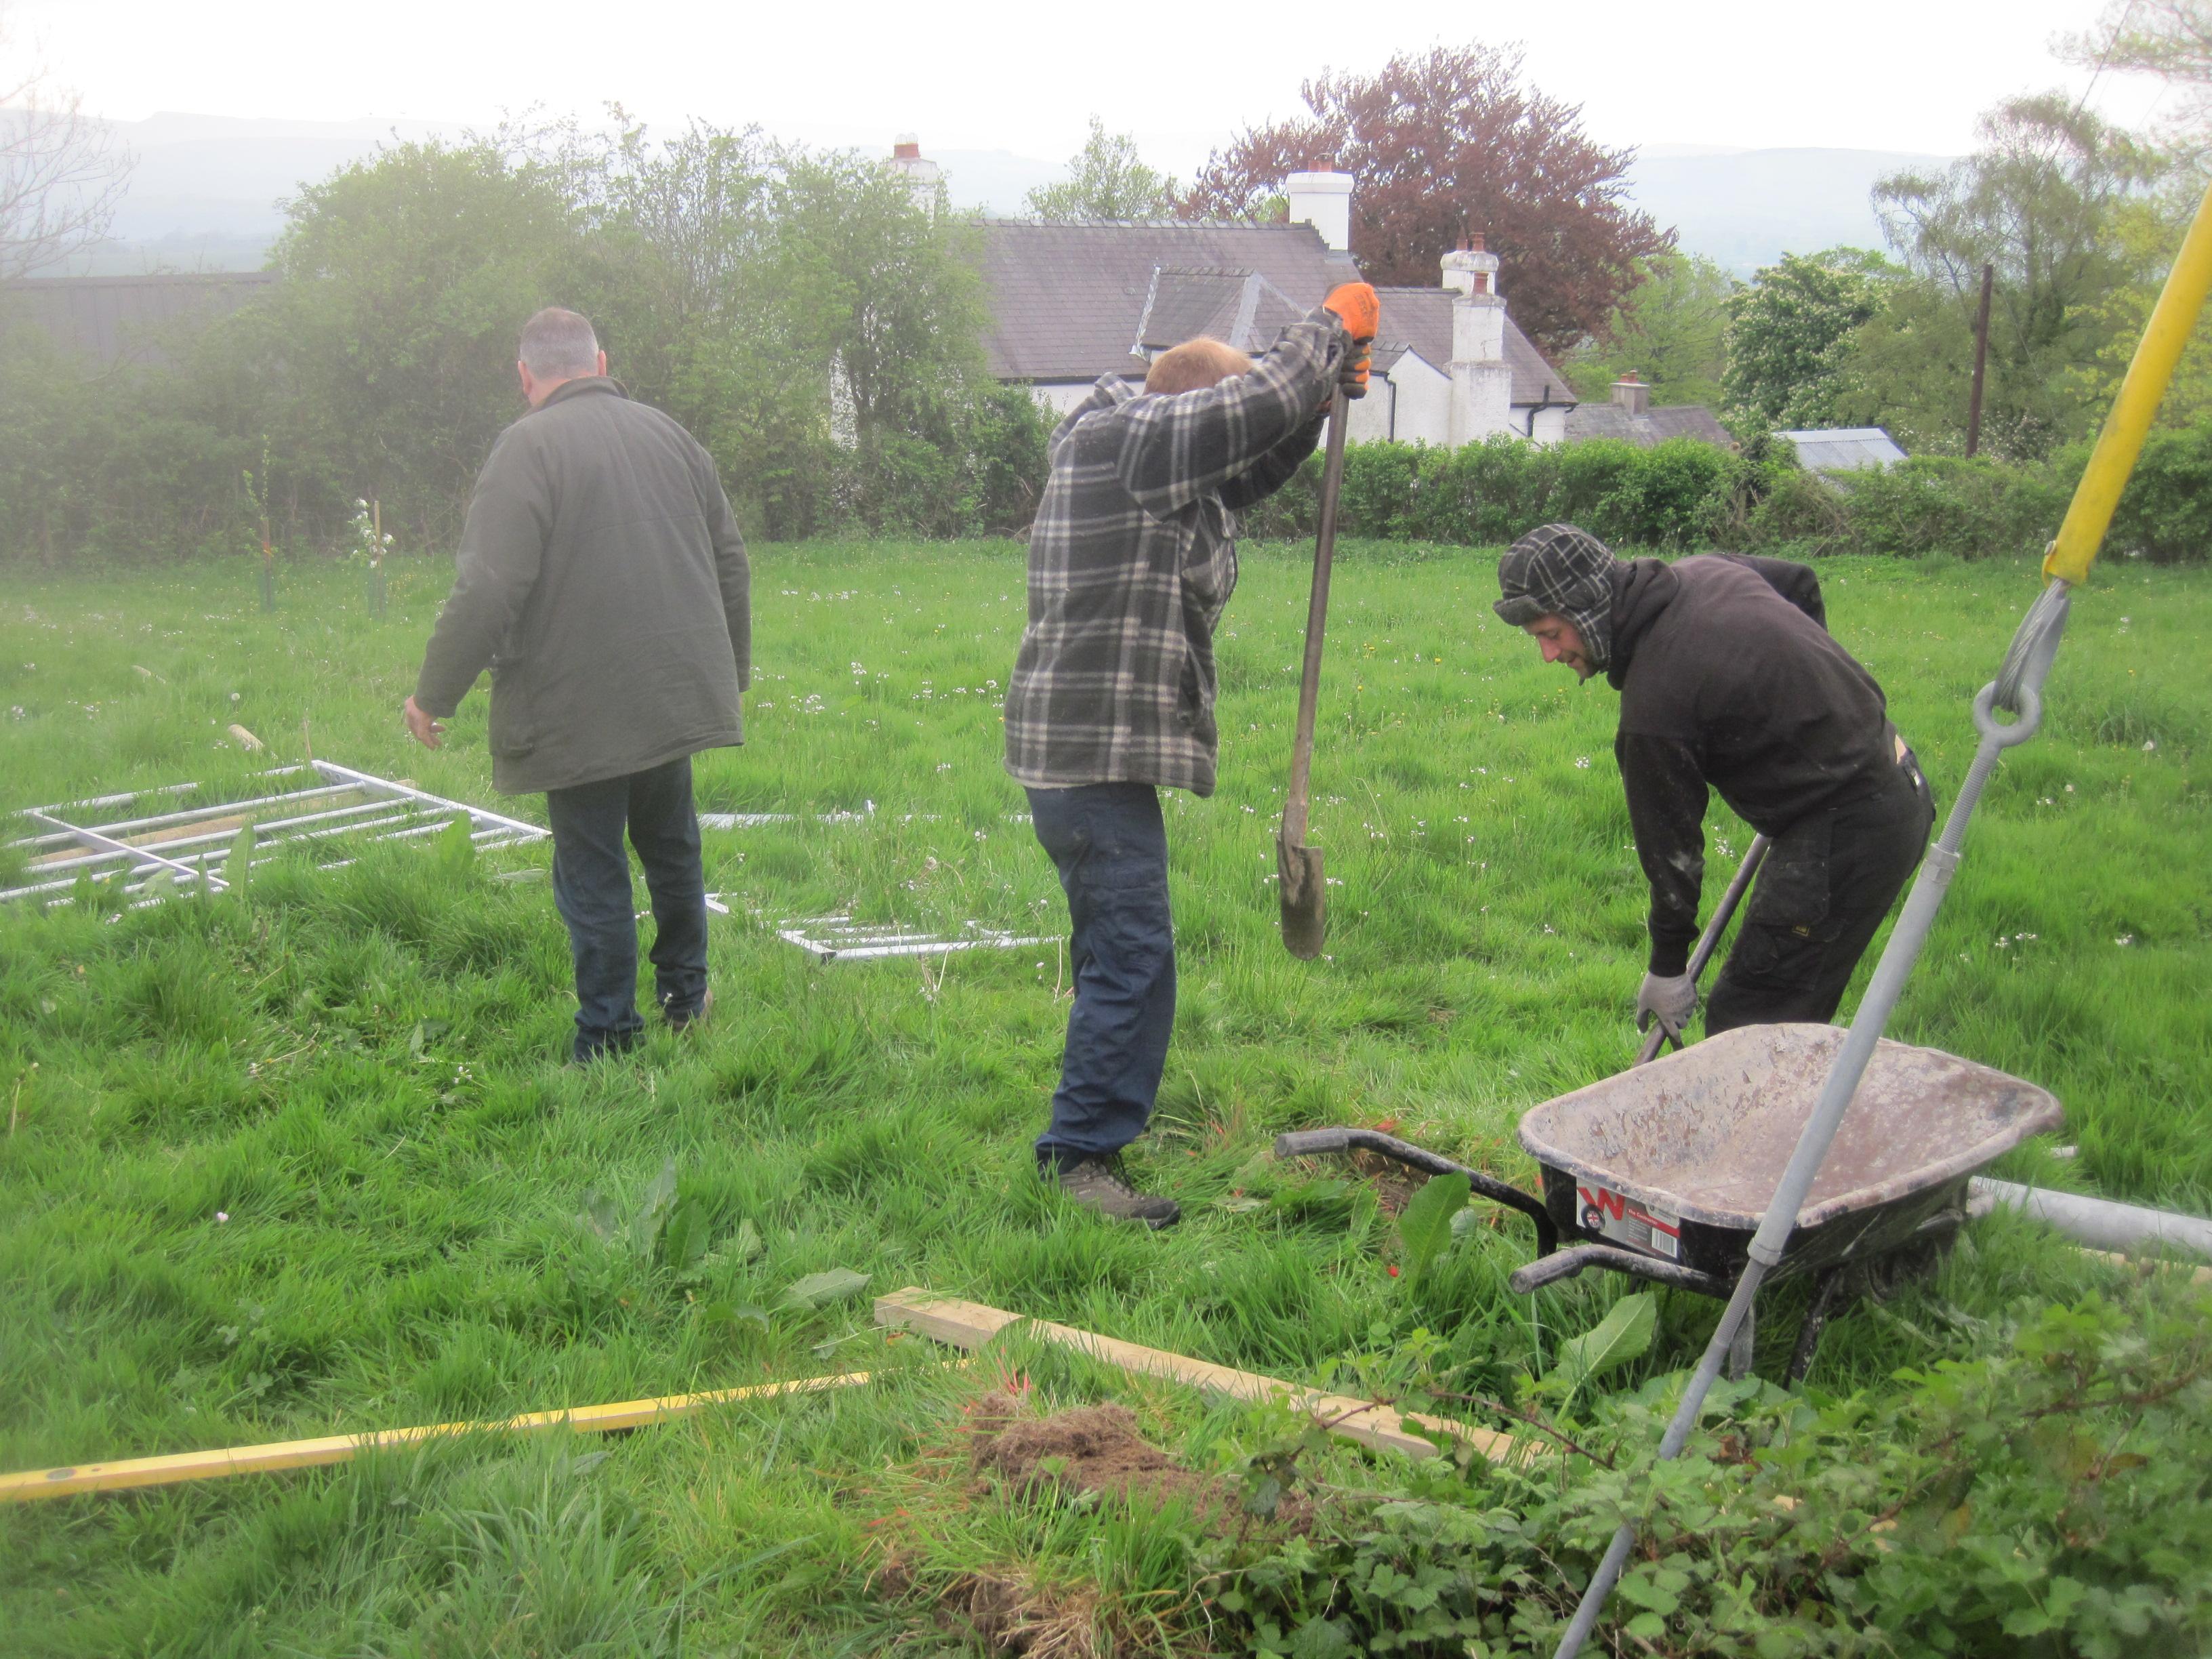 Fencing at Gardd Gymunedol Llansadwrn Community Garden (1)